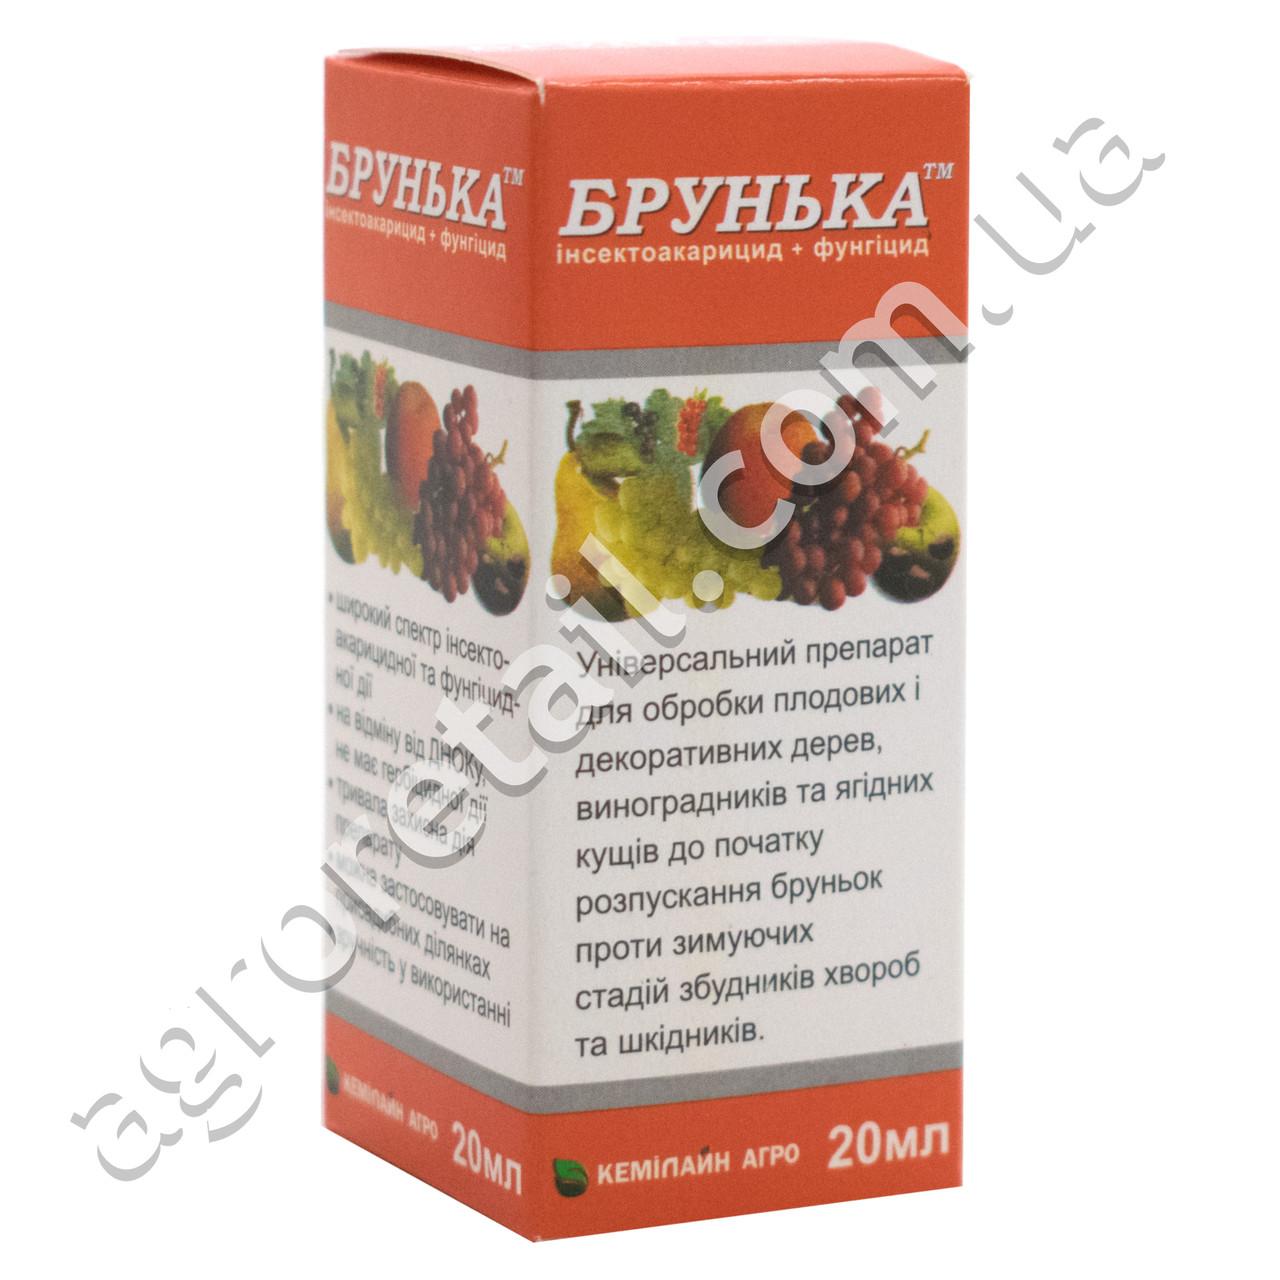 Инсектоакарицид + фунгицид Брунька концентрат коробочка 20 мл